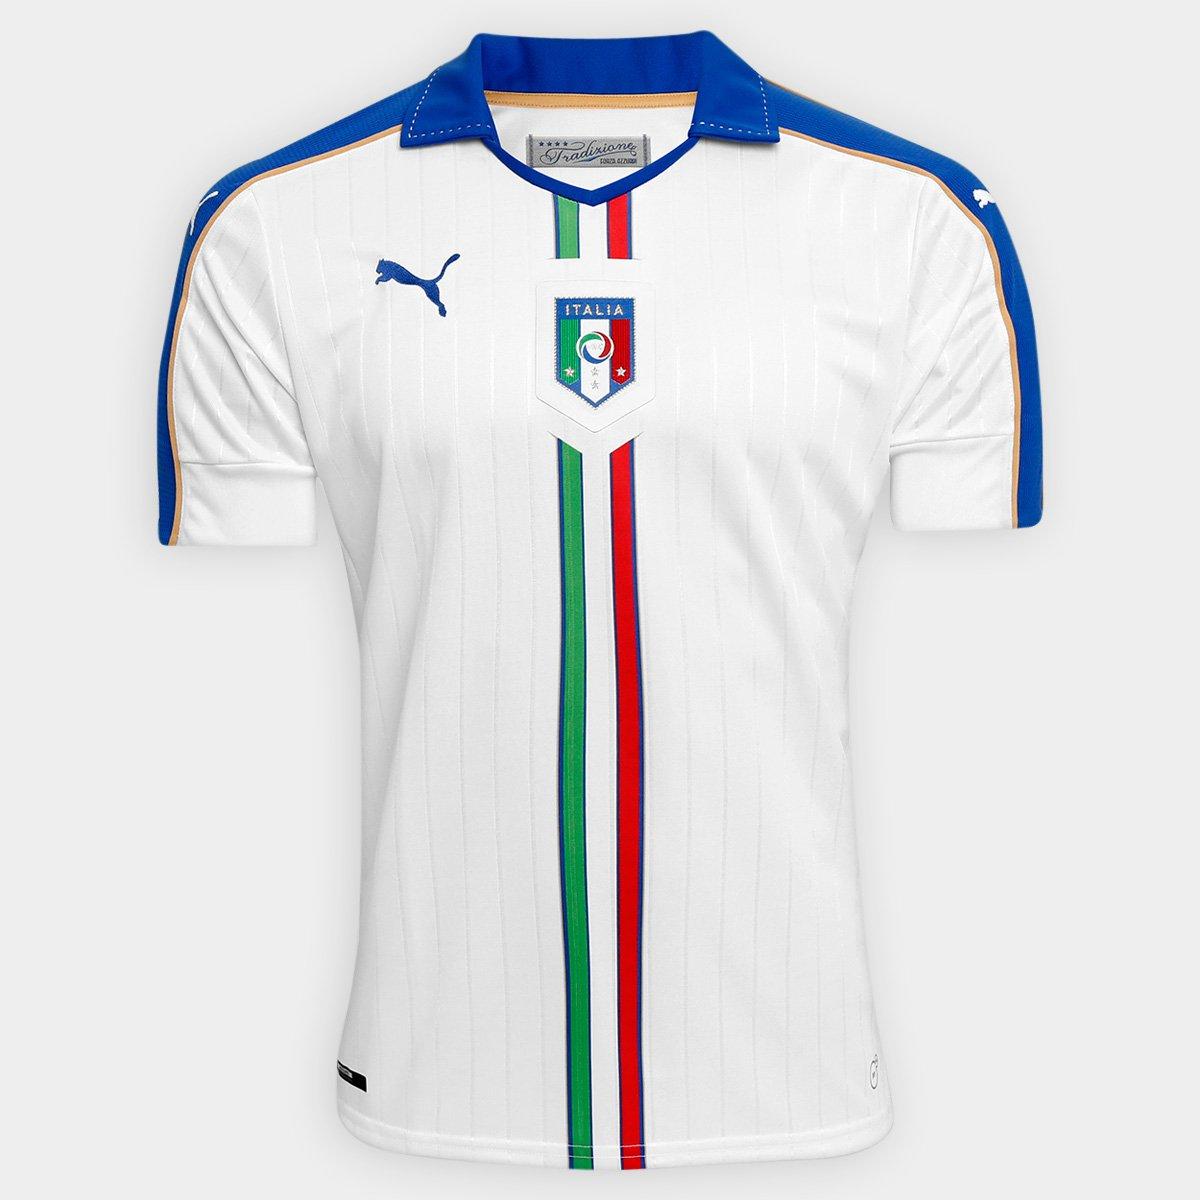 f3065dae81 Camisa Seleção Itália Away 15 16 s nº - Torcedor Puma Masculino - Compre  Agora